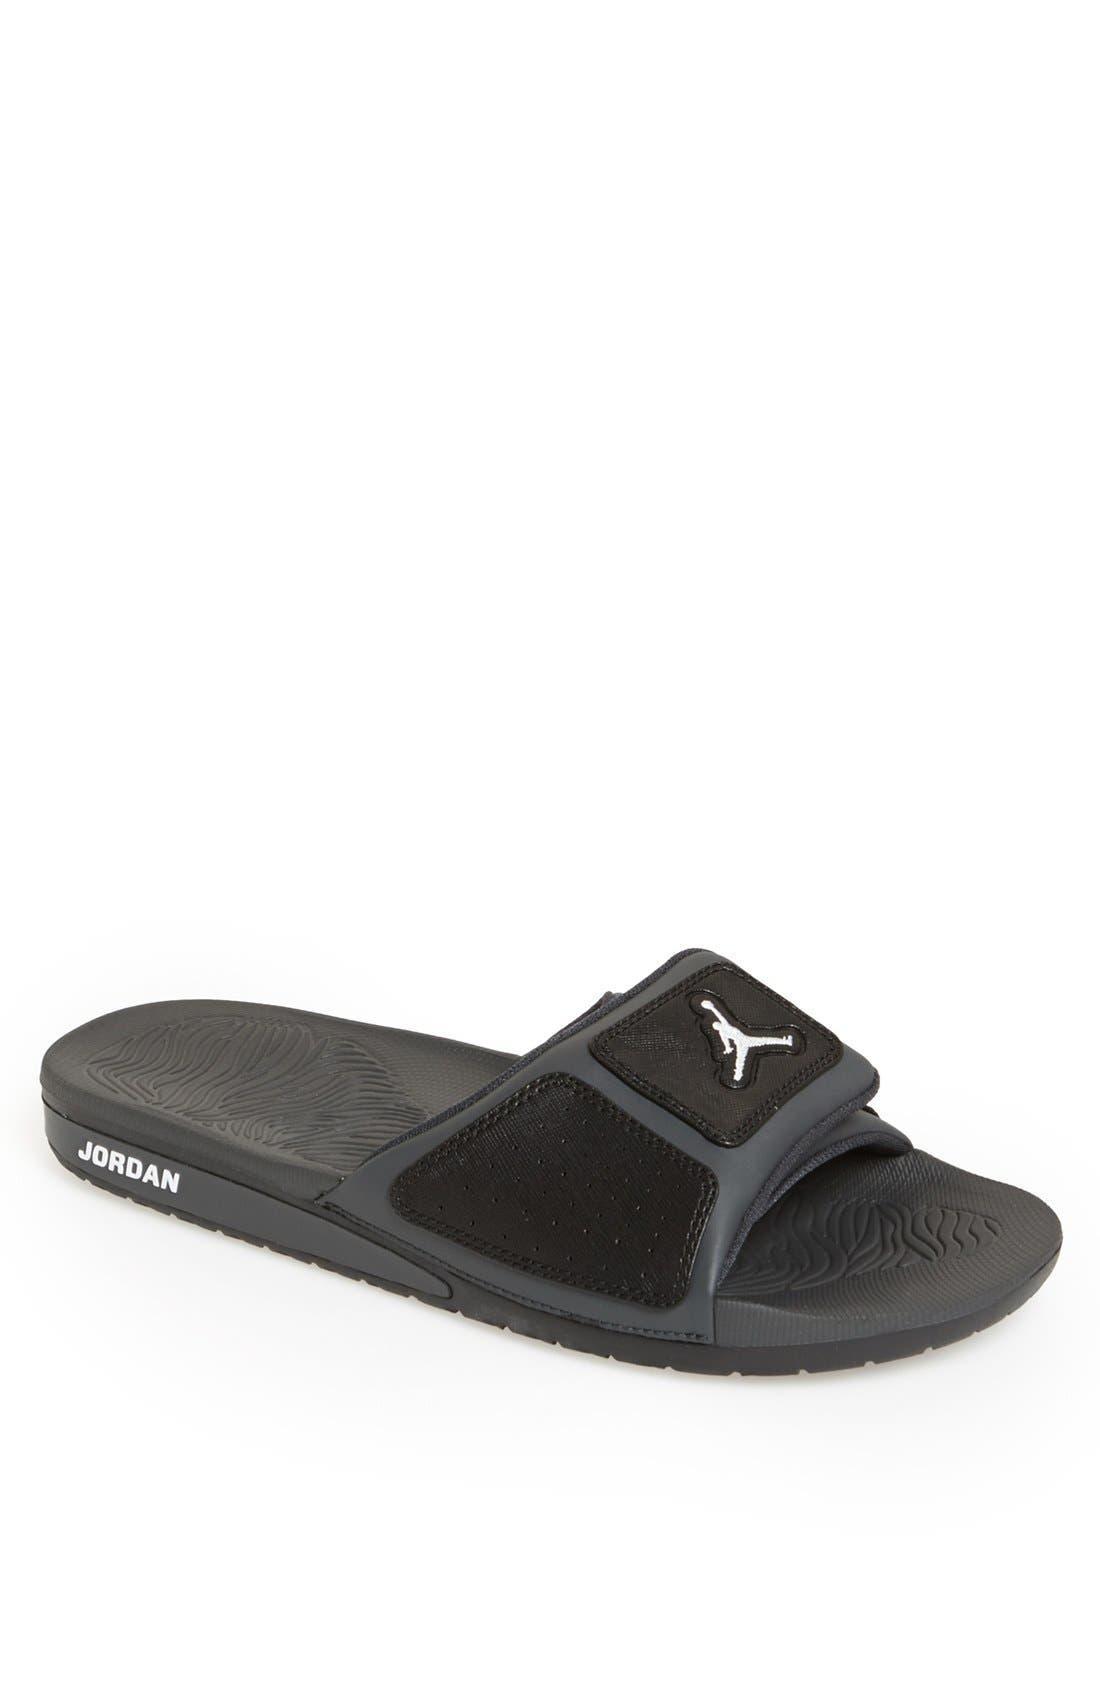 Alternate Image 1 Selected - Nike 'Jordan Hydro 3' Sandal